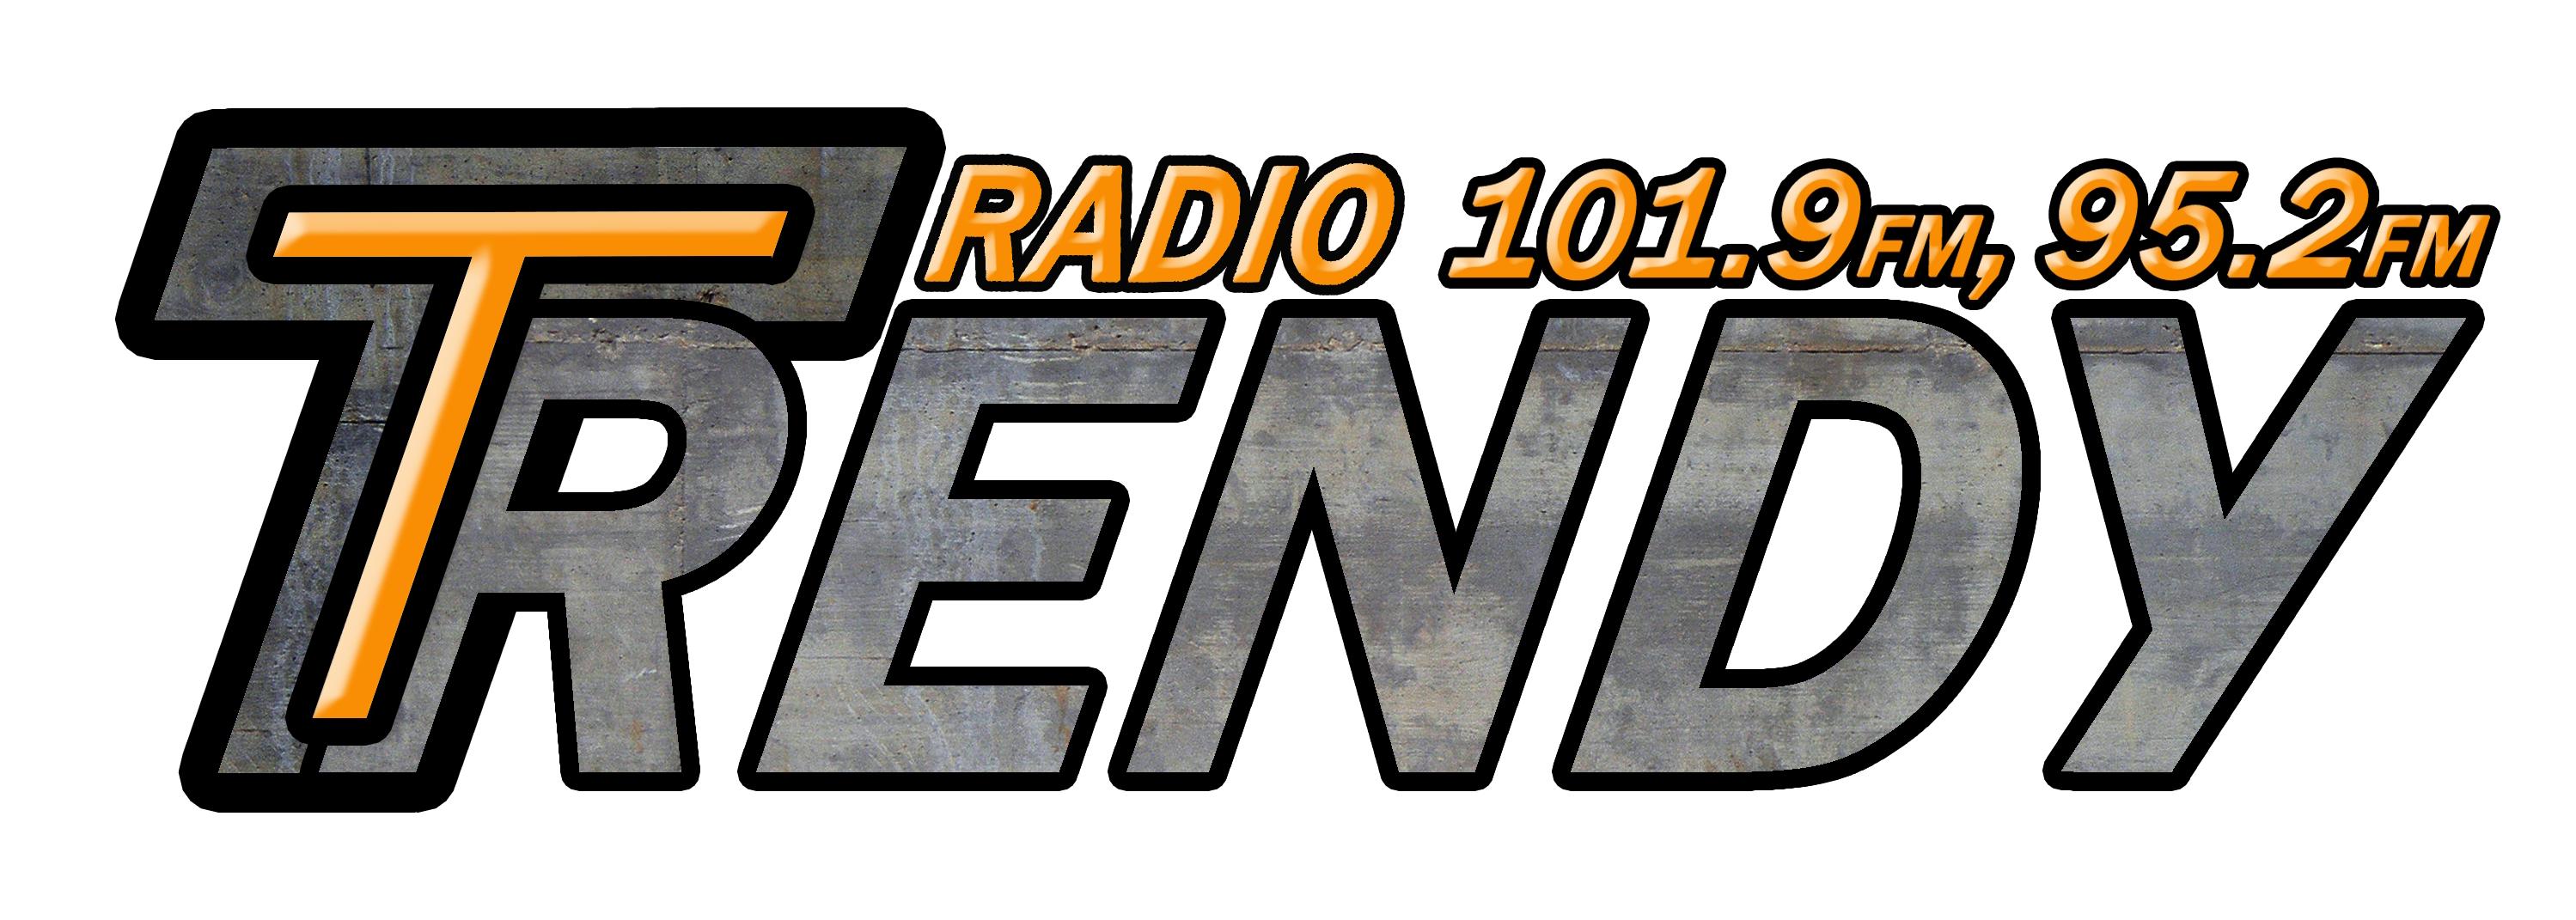 trendy-radio